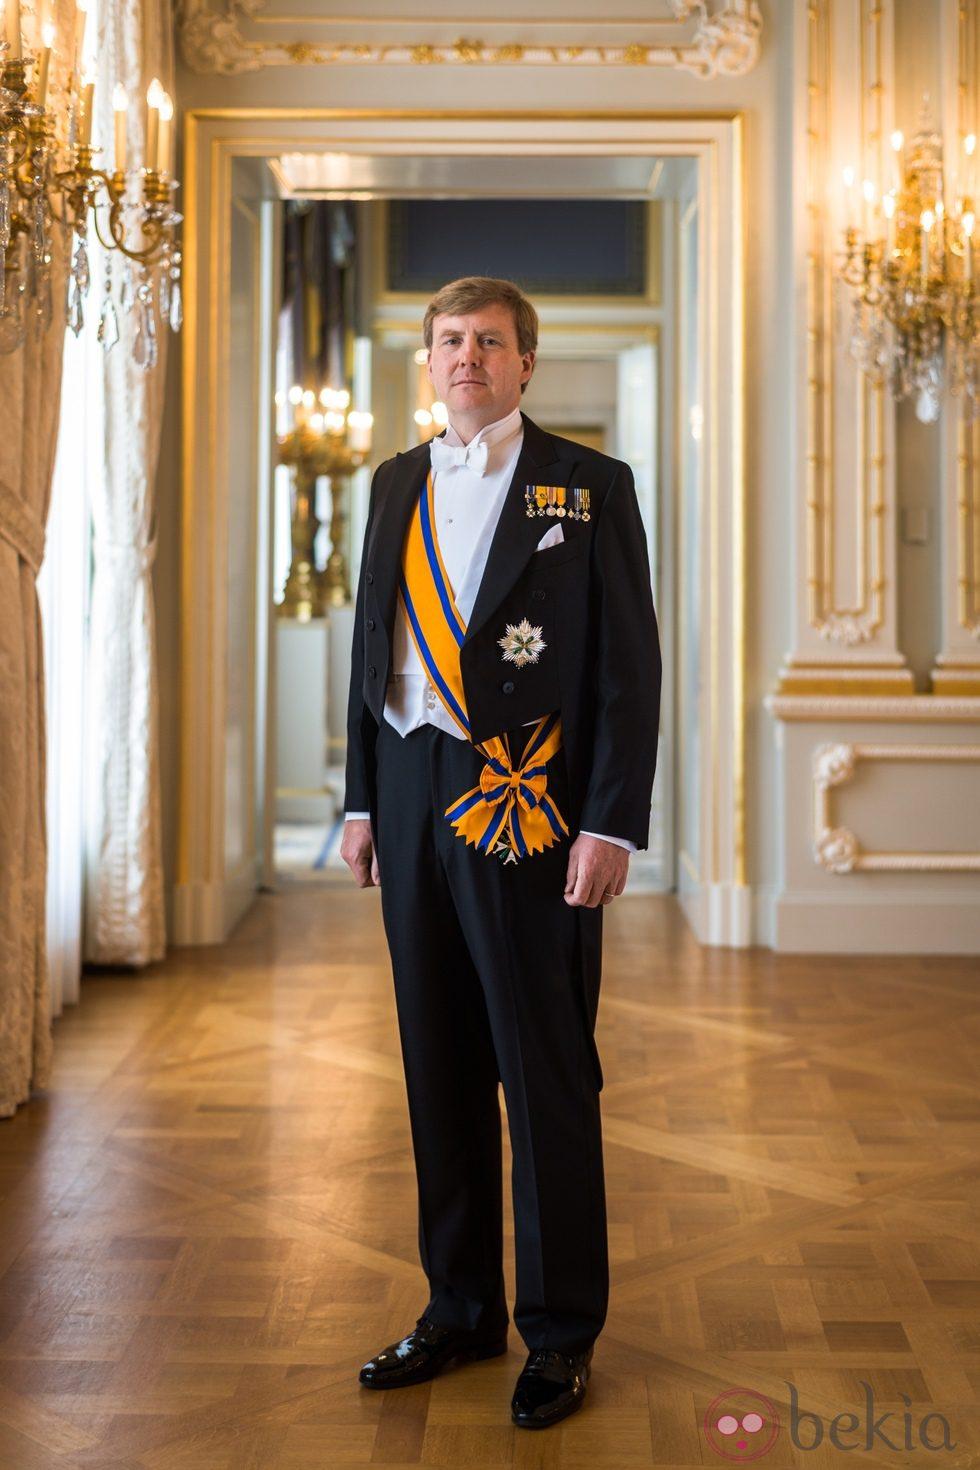 Primer retrato oficial del Rey Guillermo Alejandro de Holanda